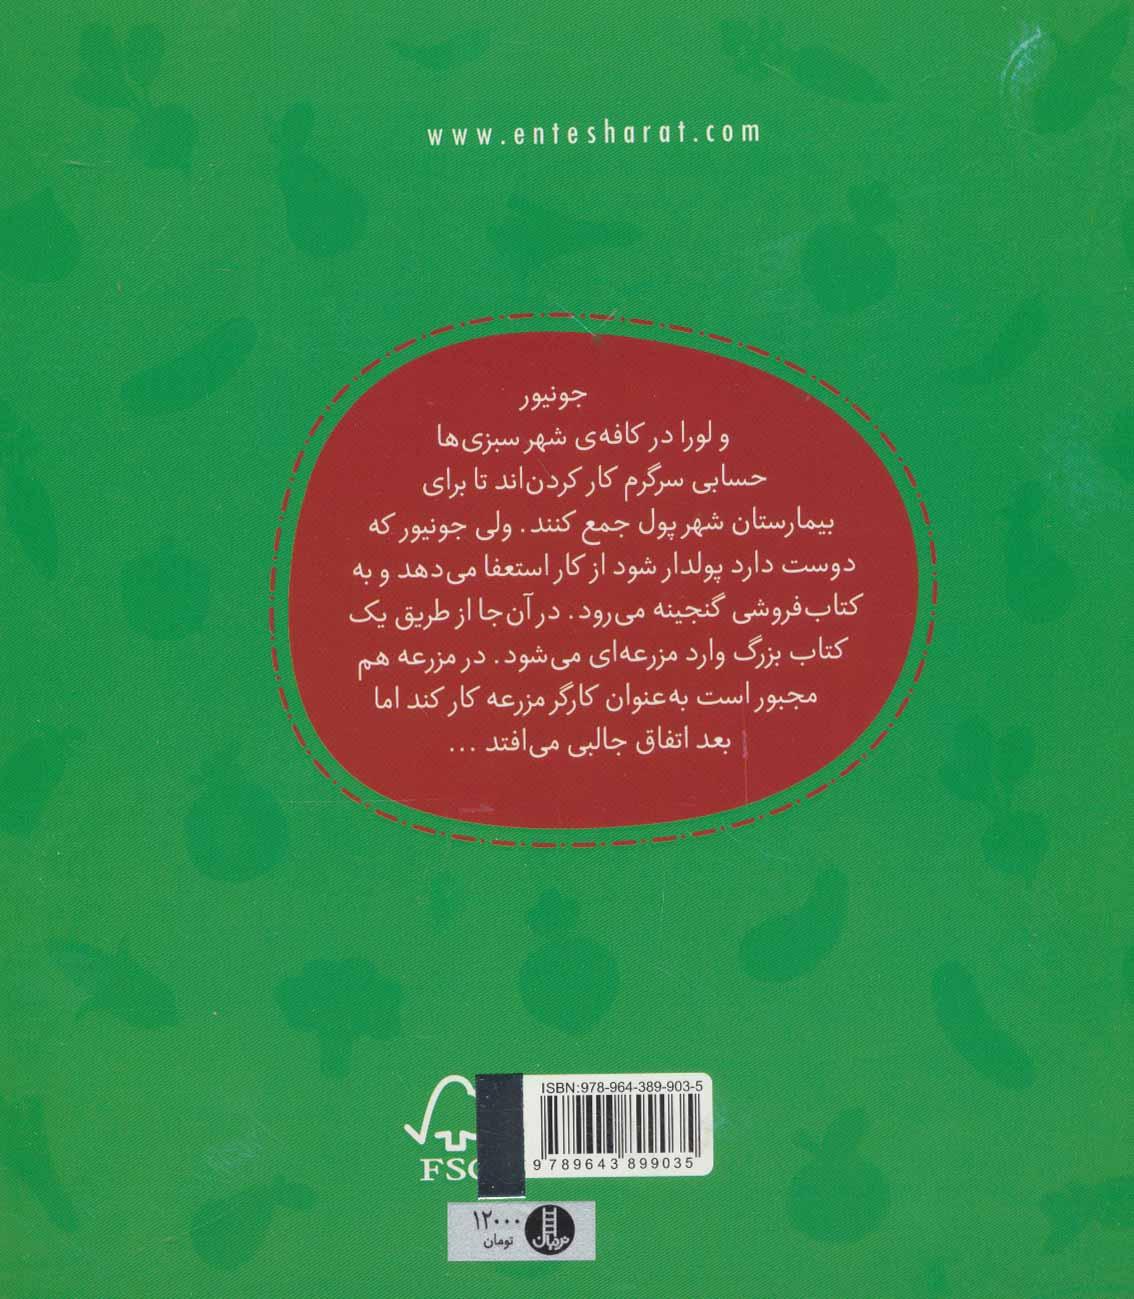 خیار پنجه طلا (آداب شهر سبزی ها)،(گلاسه)